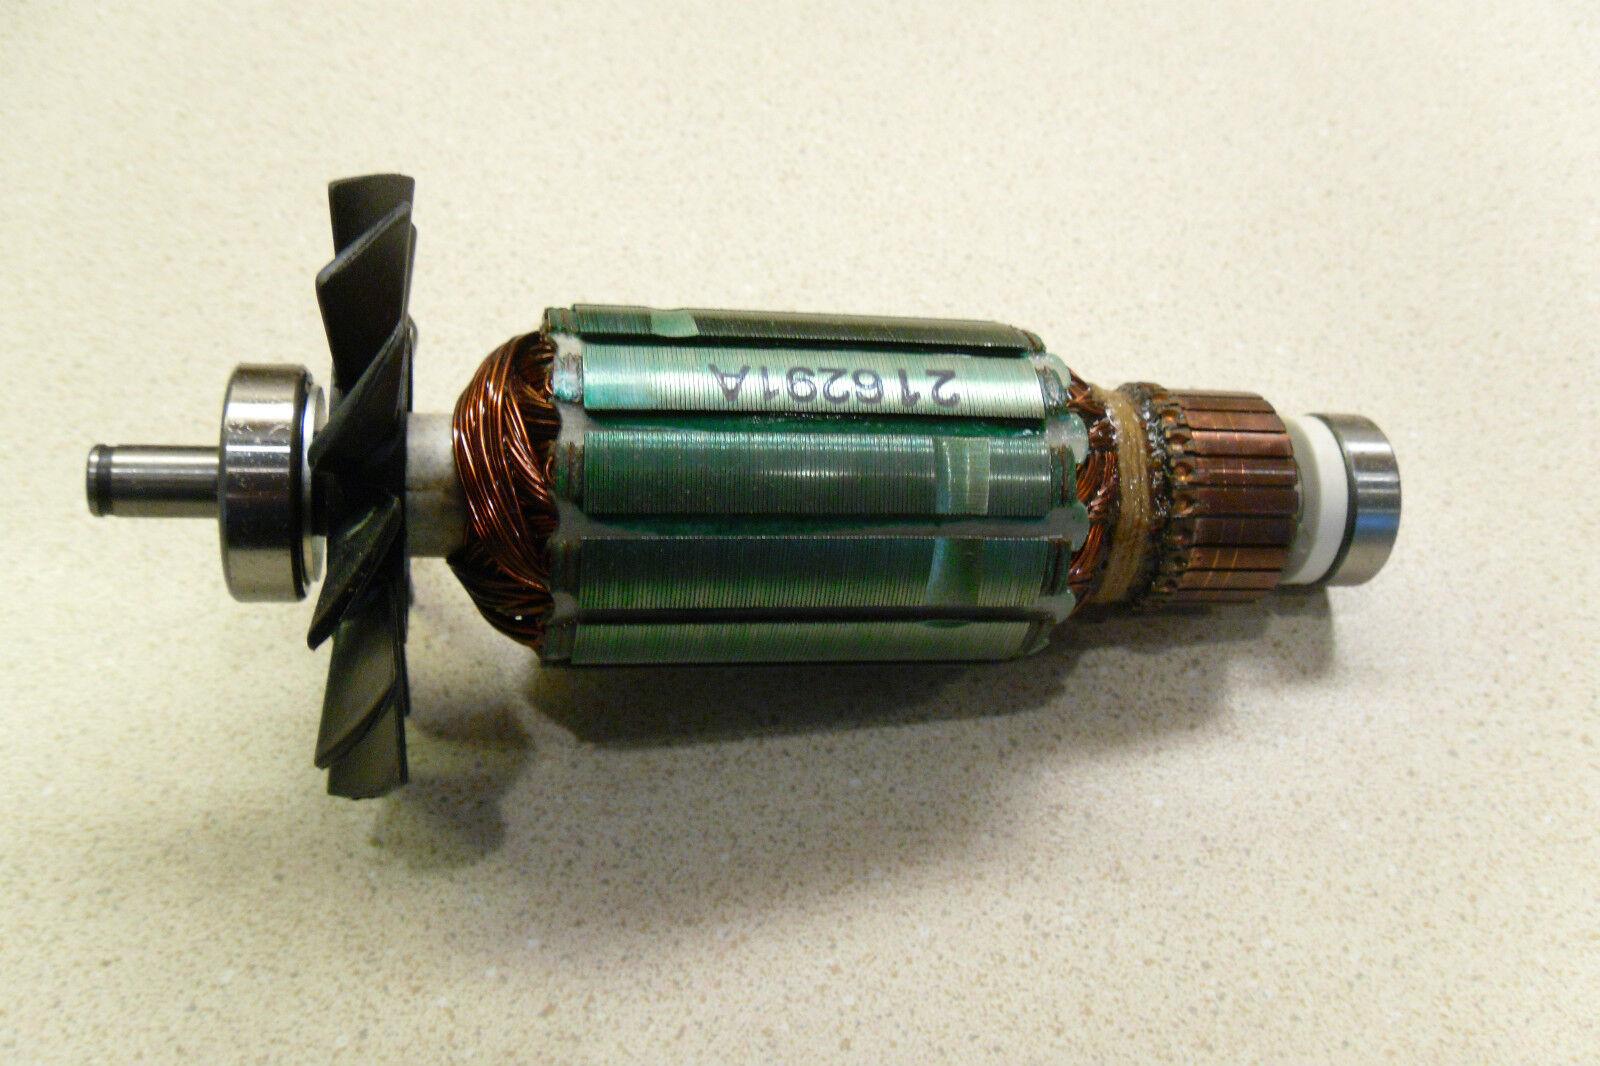 MAKITA 516291-8 Armature Motor Rotor for 4200H Circular Saw